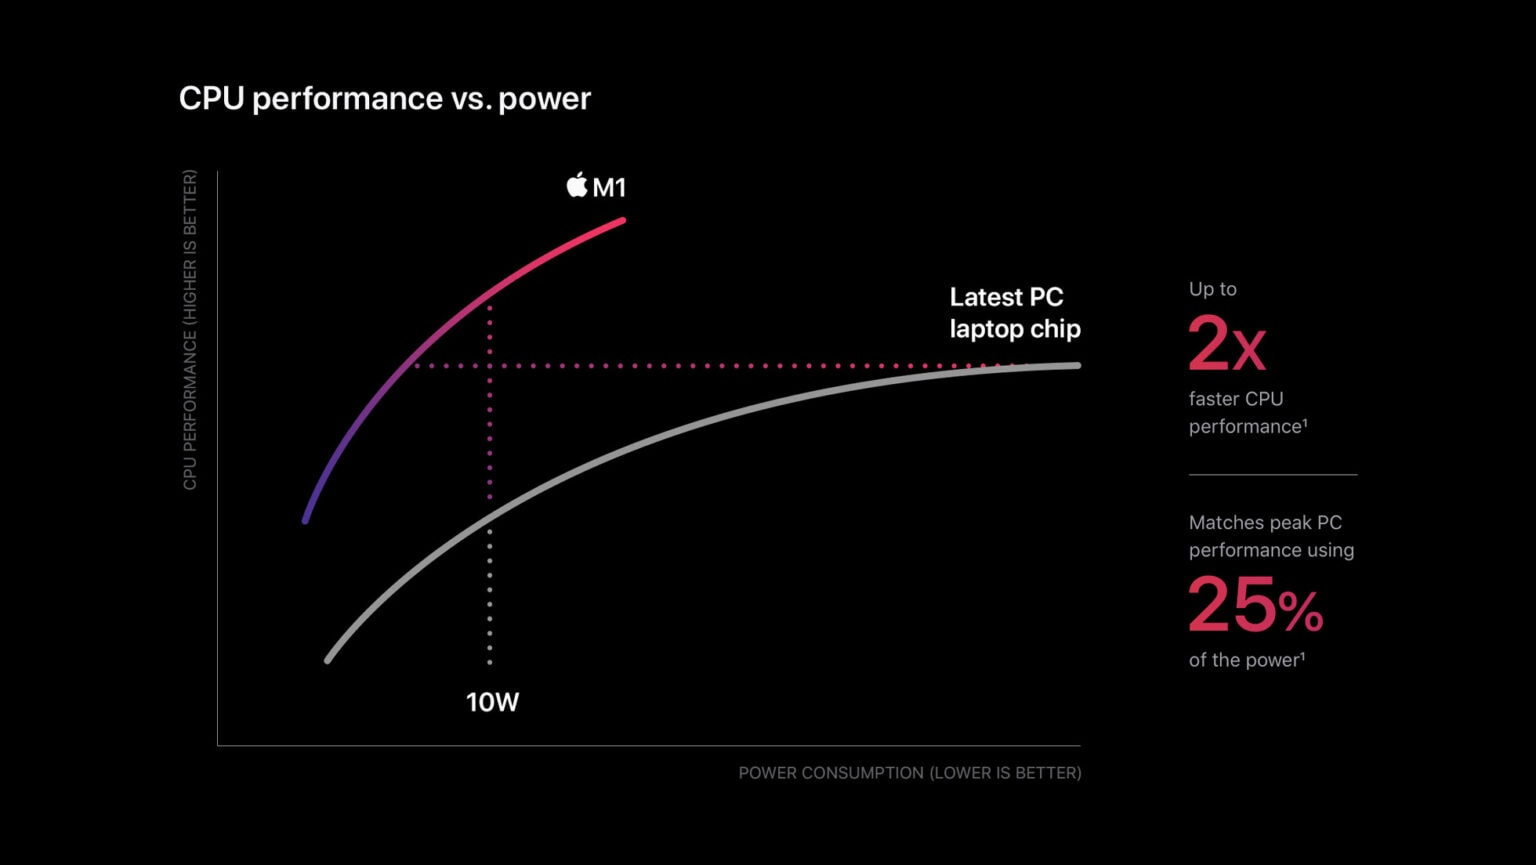 Gráfico de performance vs. consumo energético do chip M1